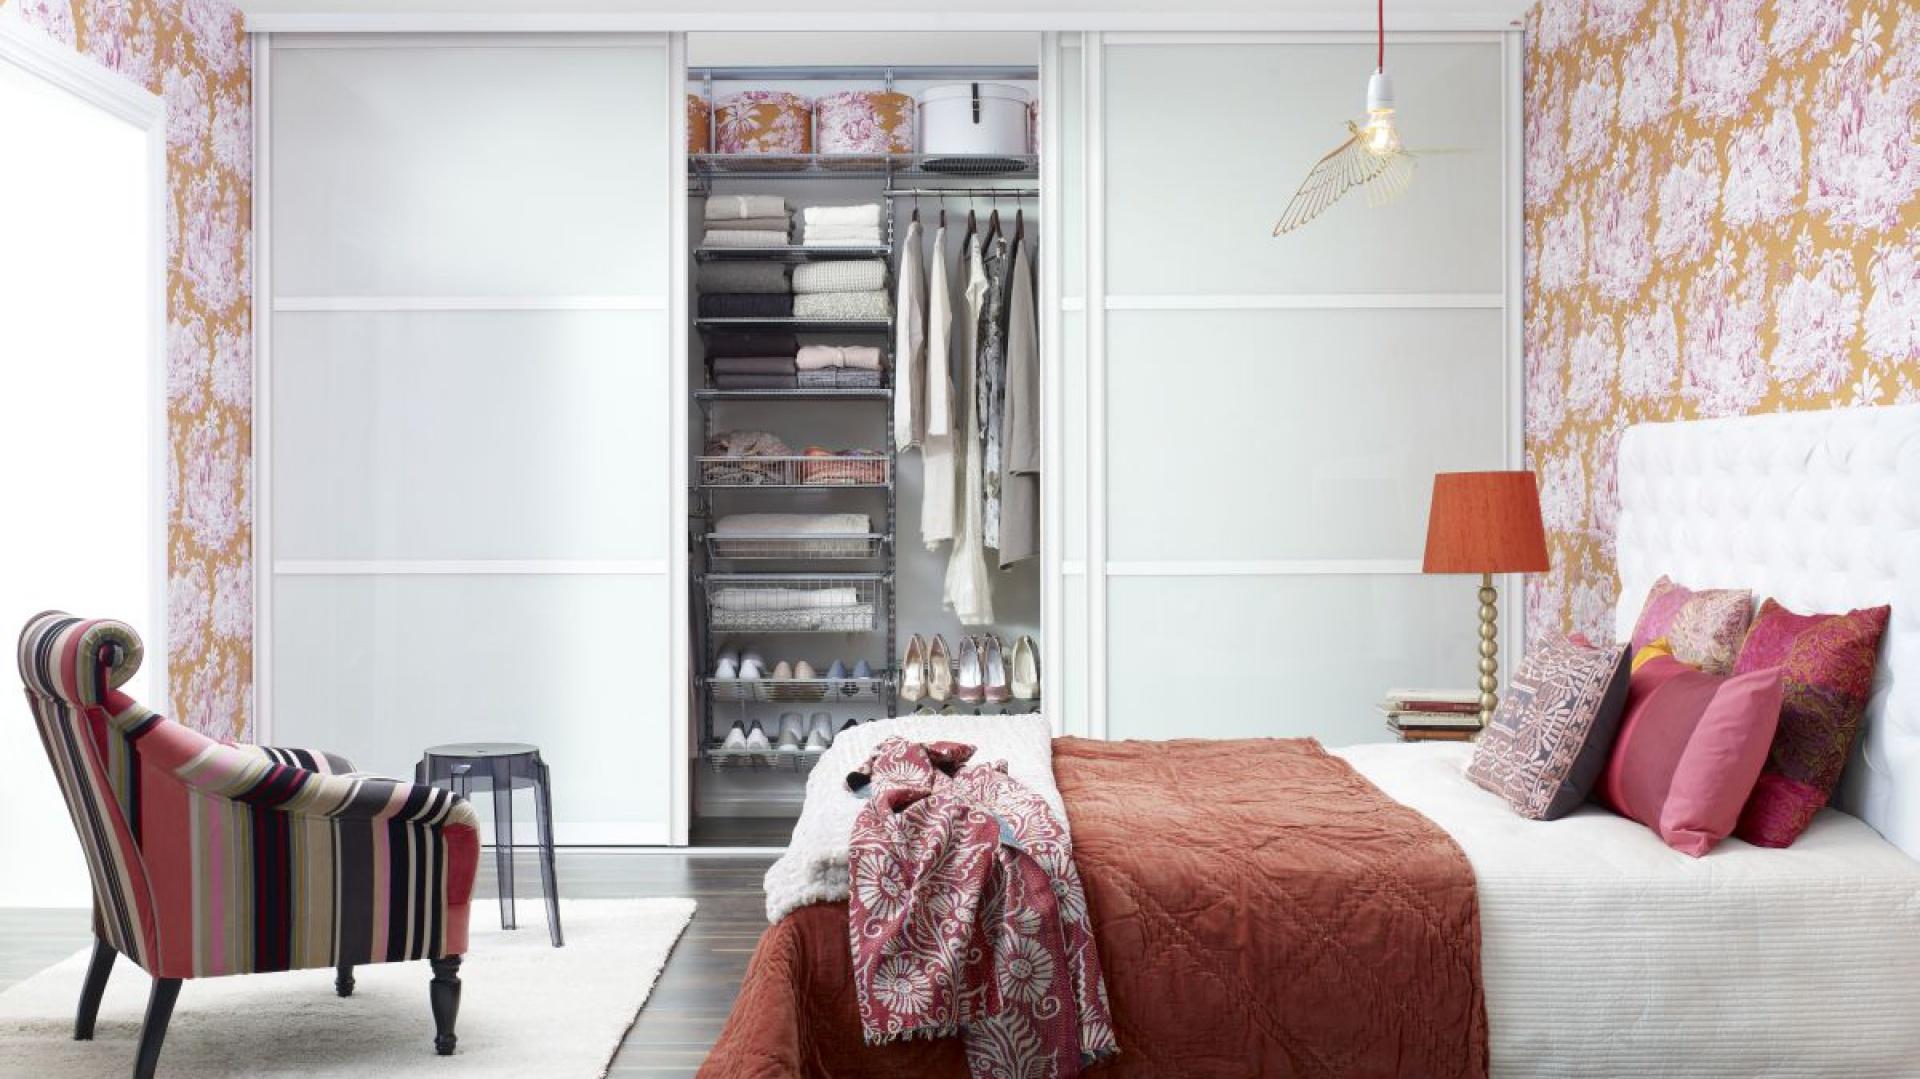 Doskonałym sposobem na zorganizowanie przestrzeni do przechowywania jest zabudowanie jednej ze ścian w sypialni. W takim rozwiązaniu pomogą drzwi przesuwne, które w swojej ofercie posiada firma Elfa. Dostępne są w trzech szerokościach, z wypełnieniem z forniru, melaminy, szkła, perspeksu lub pyty MDF i w  nieograniczonej palecie barw. Fot. Elfa.